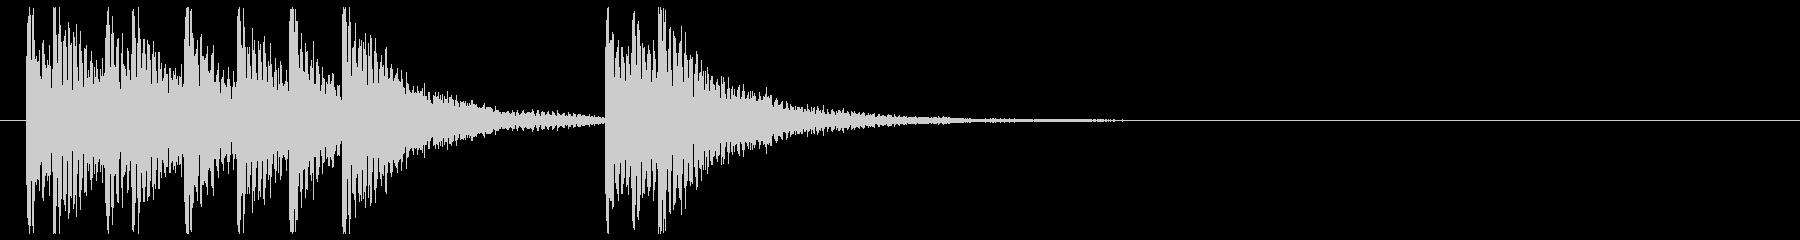 和楽器☆和風ジングル4リバーブの未再生の波形